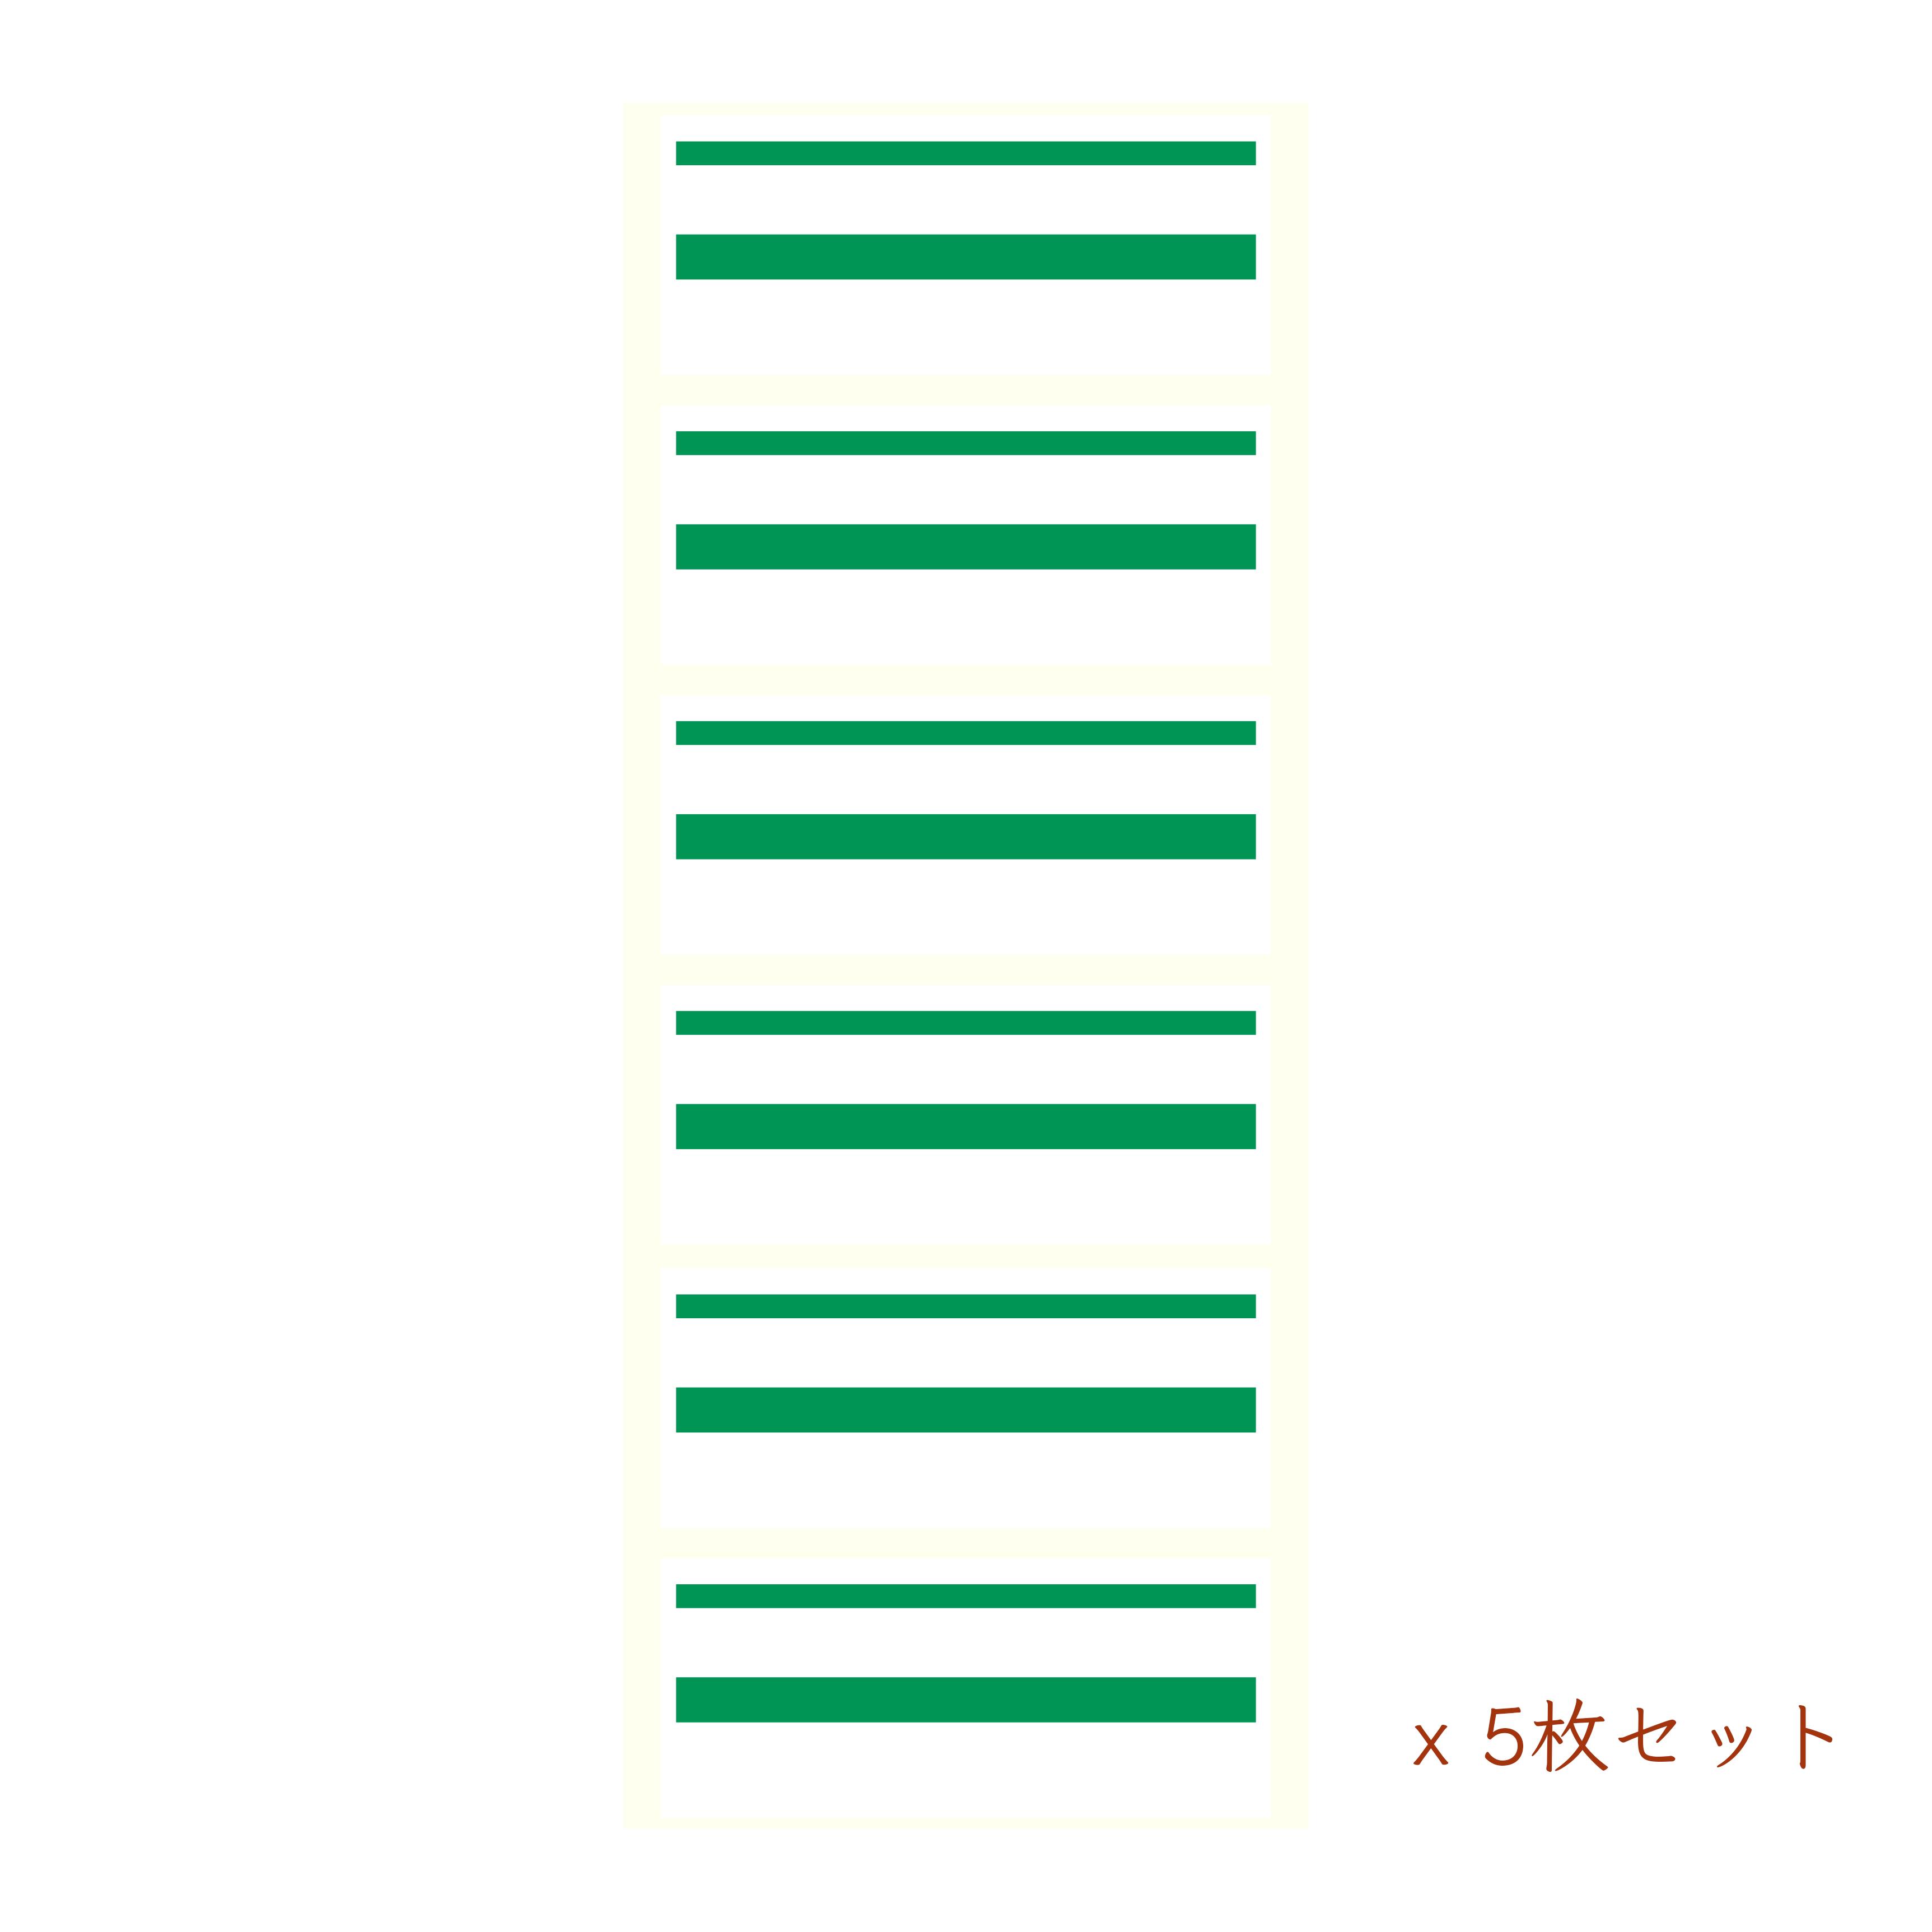 フォルダーラベル 緑